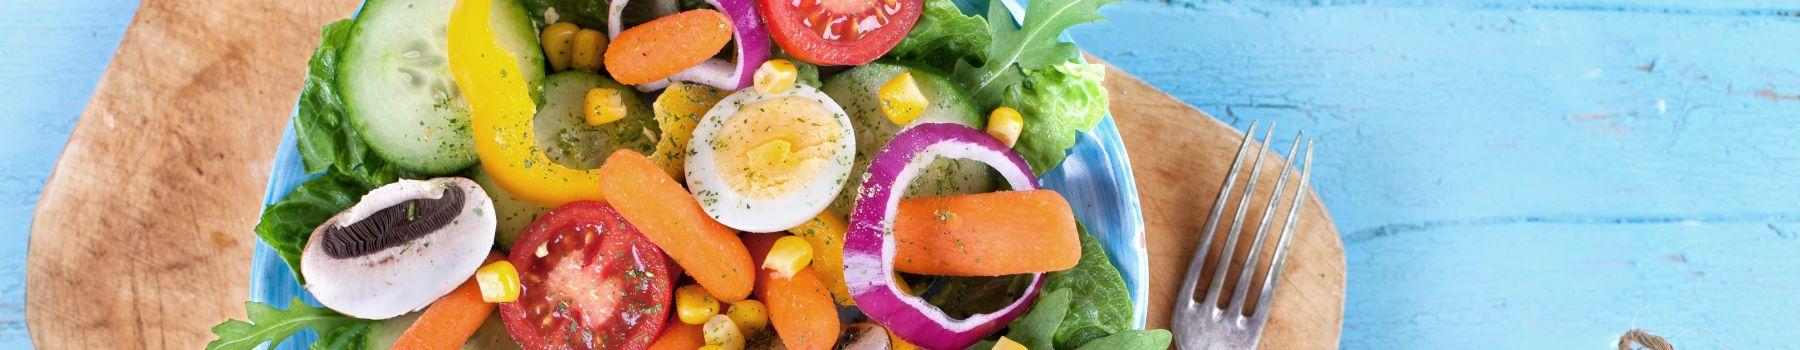 Sprawdzone przepisy na sałatkę z jajkiem